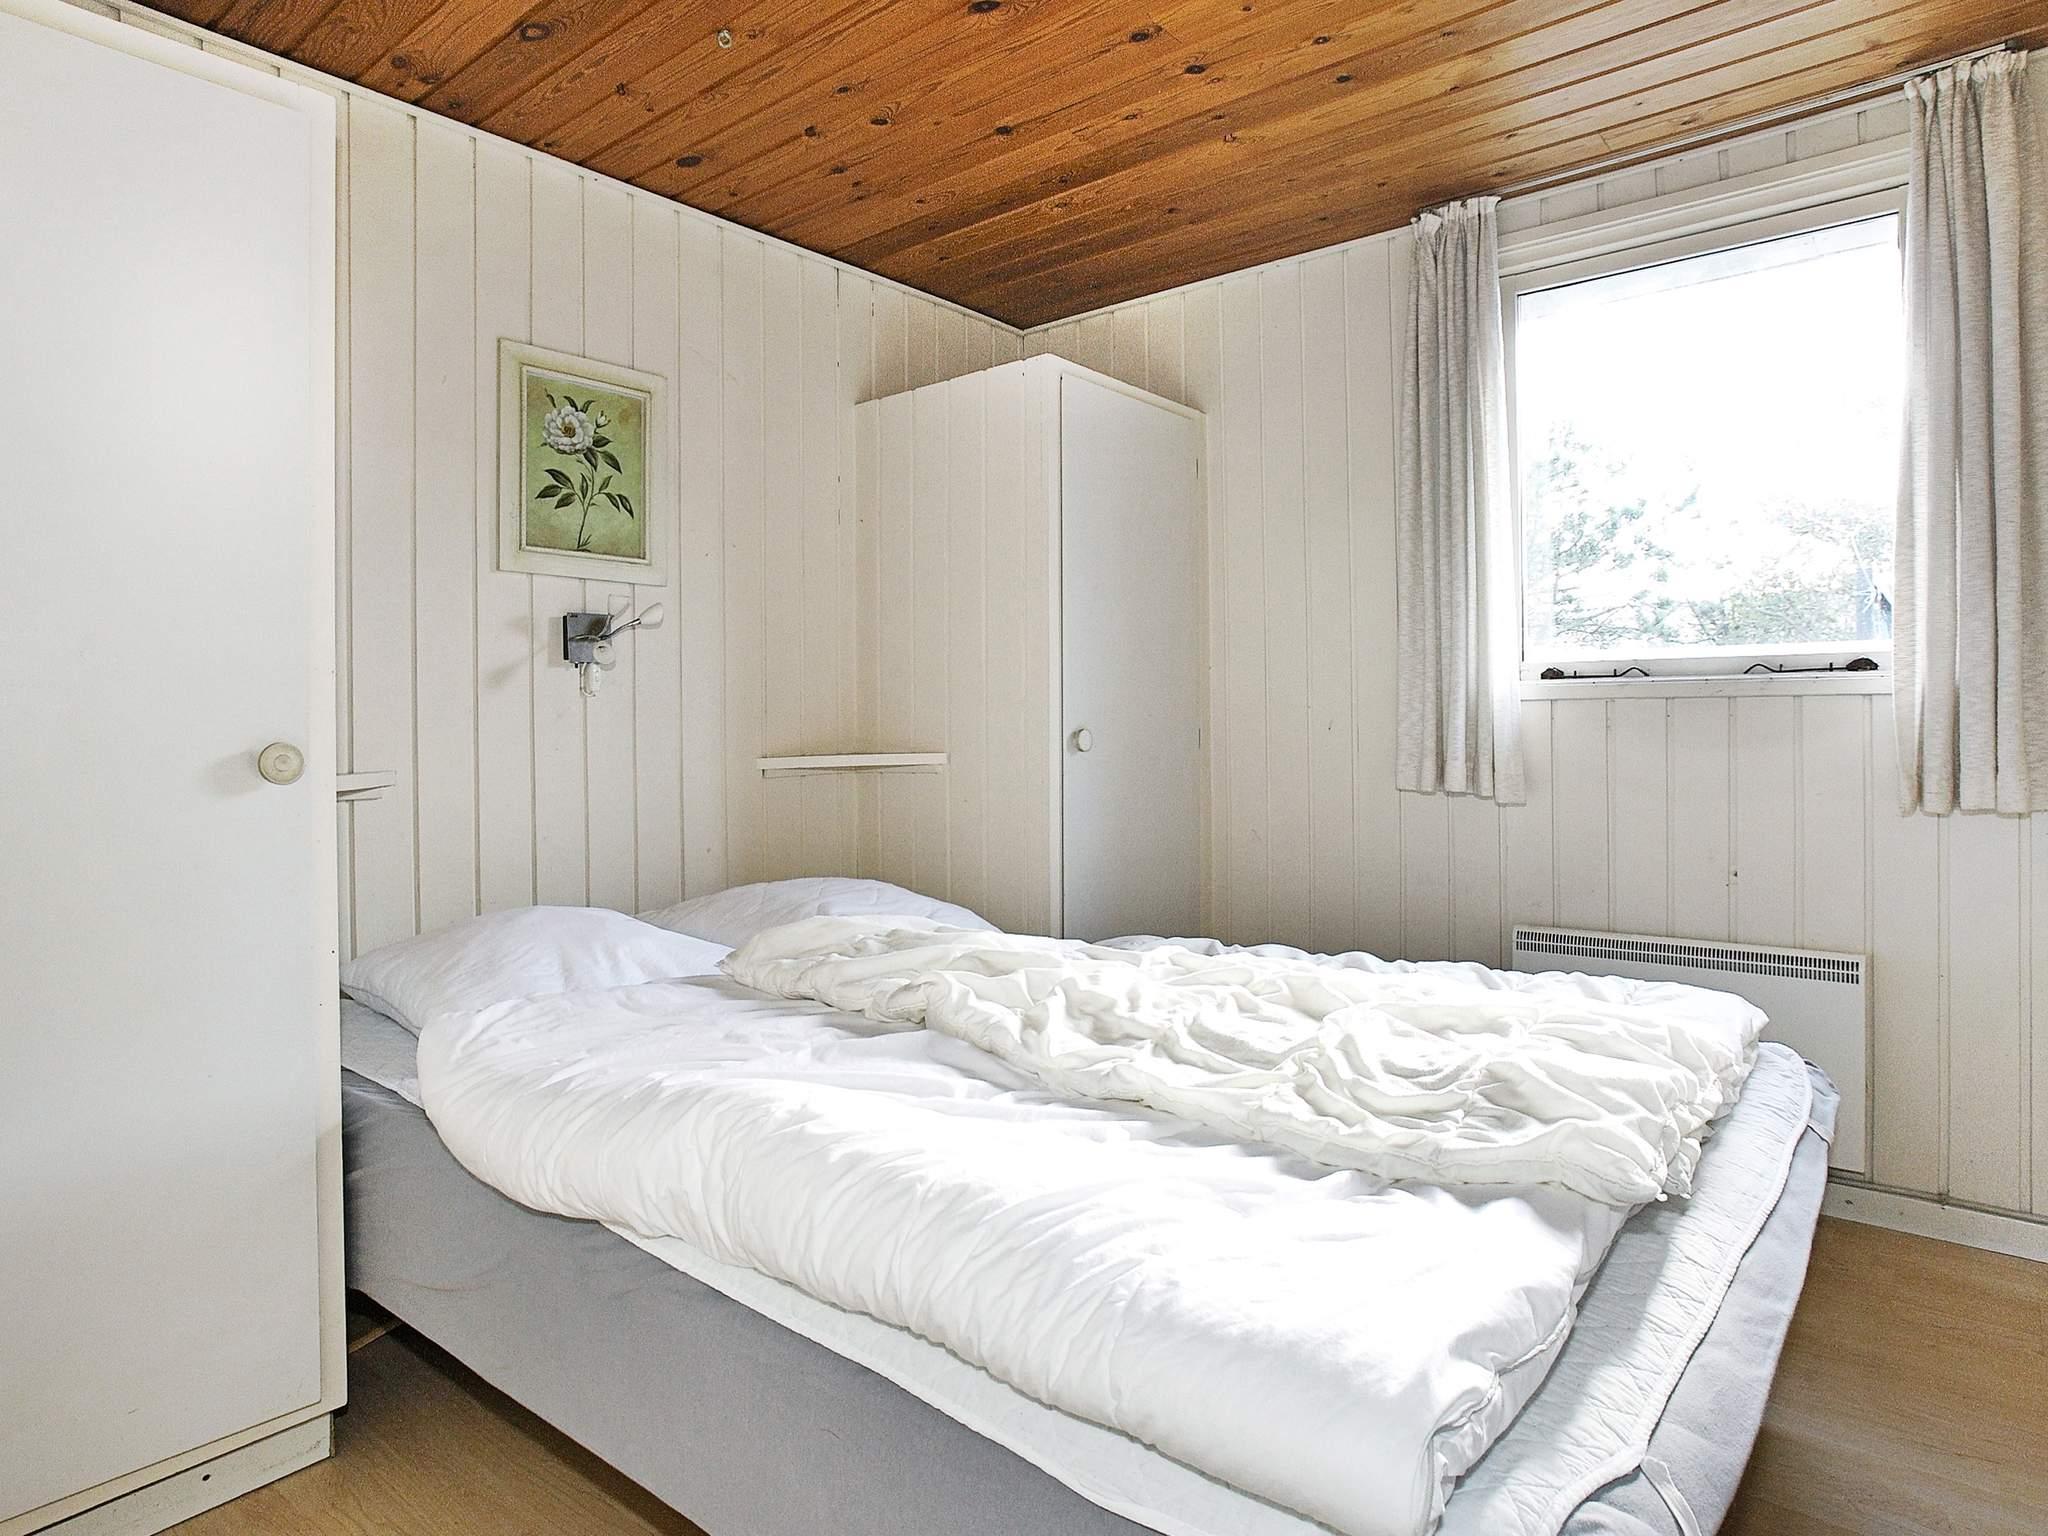 Ferienhaus Kærgården (371070), Vestervig, , Limfjord, Dänemark, Bild 16